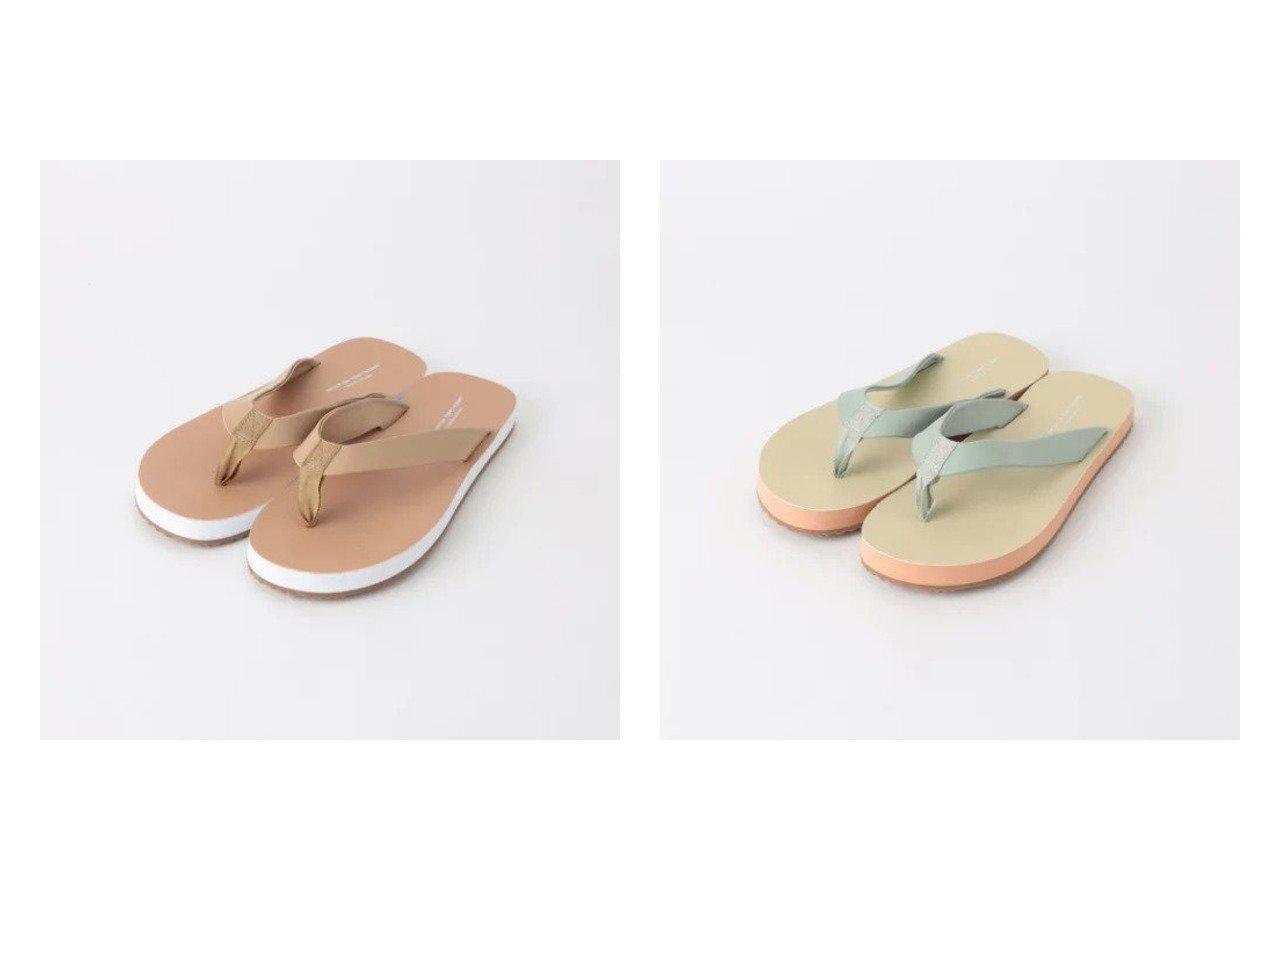 【green label relaxing / UNITED ARROWS/グリーンレーベル リラクシング / ユナイテッドアローズ】のSC フラット トング サンダル (1cmヒール) 【シューズ・靴】おすすめ!人気、トレンド・レディースファッションの通販 おすすめで人気の流行・トレンド、ファッションの通販商品 インテリア・家具・メンズファッション・キッズファッション・レディースファッション・服の通販 founy(ファニー) https://founy.com/ ファッション Fashion レディースファッション WOMEN サテン サマー サンダル シューズ スクエア スポーティ ダウン ドレス フラット ベーシック おすすめ Recommend 夏 Summer  ID:crp329100000048157